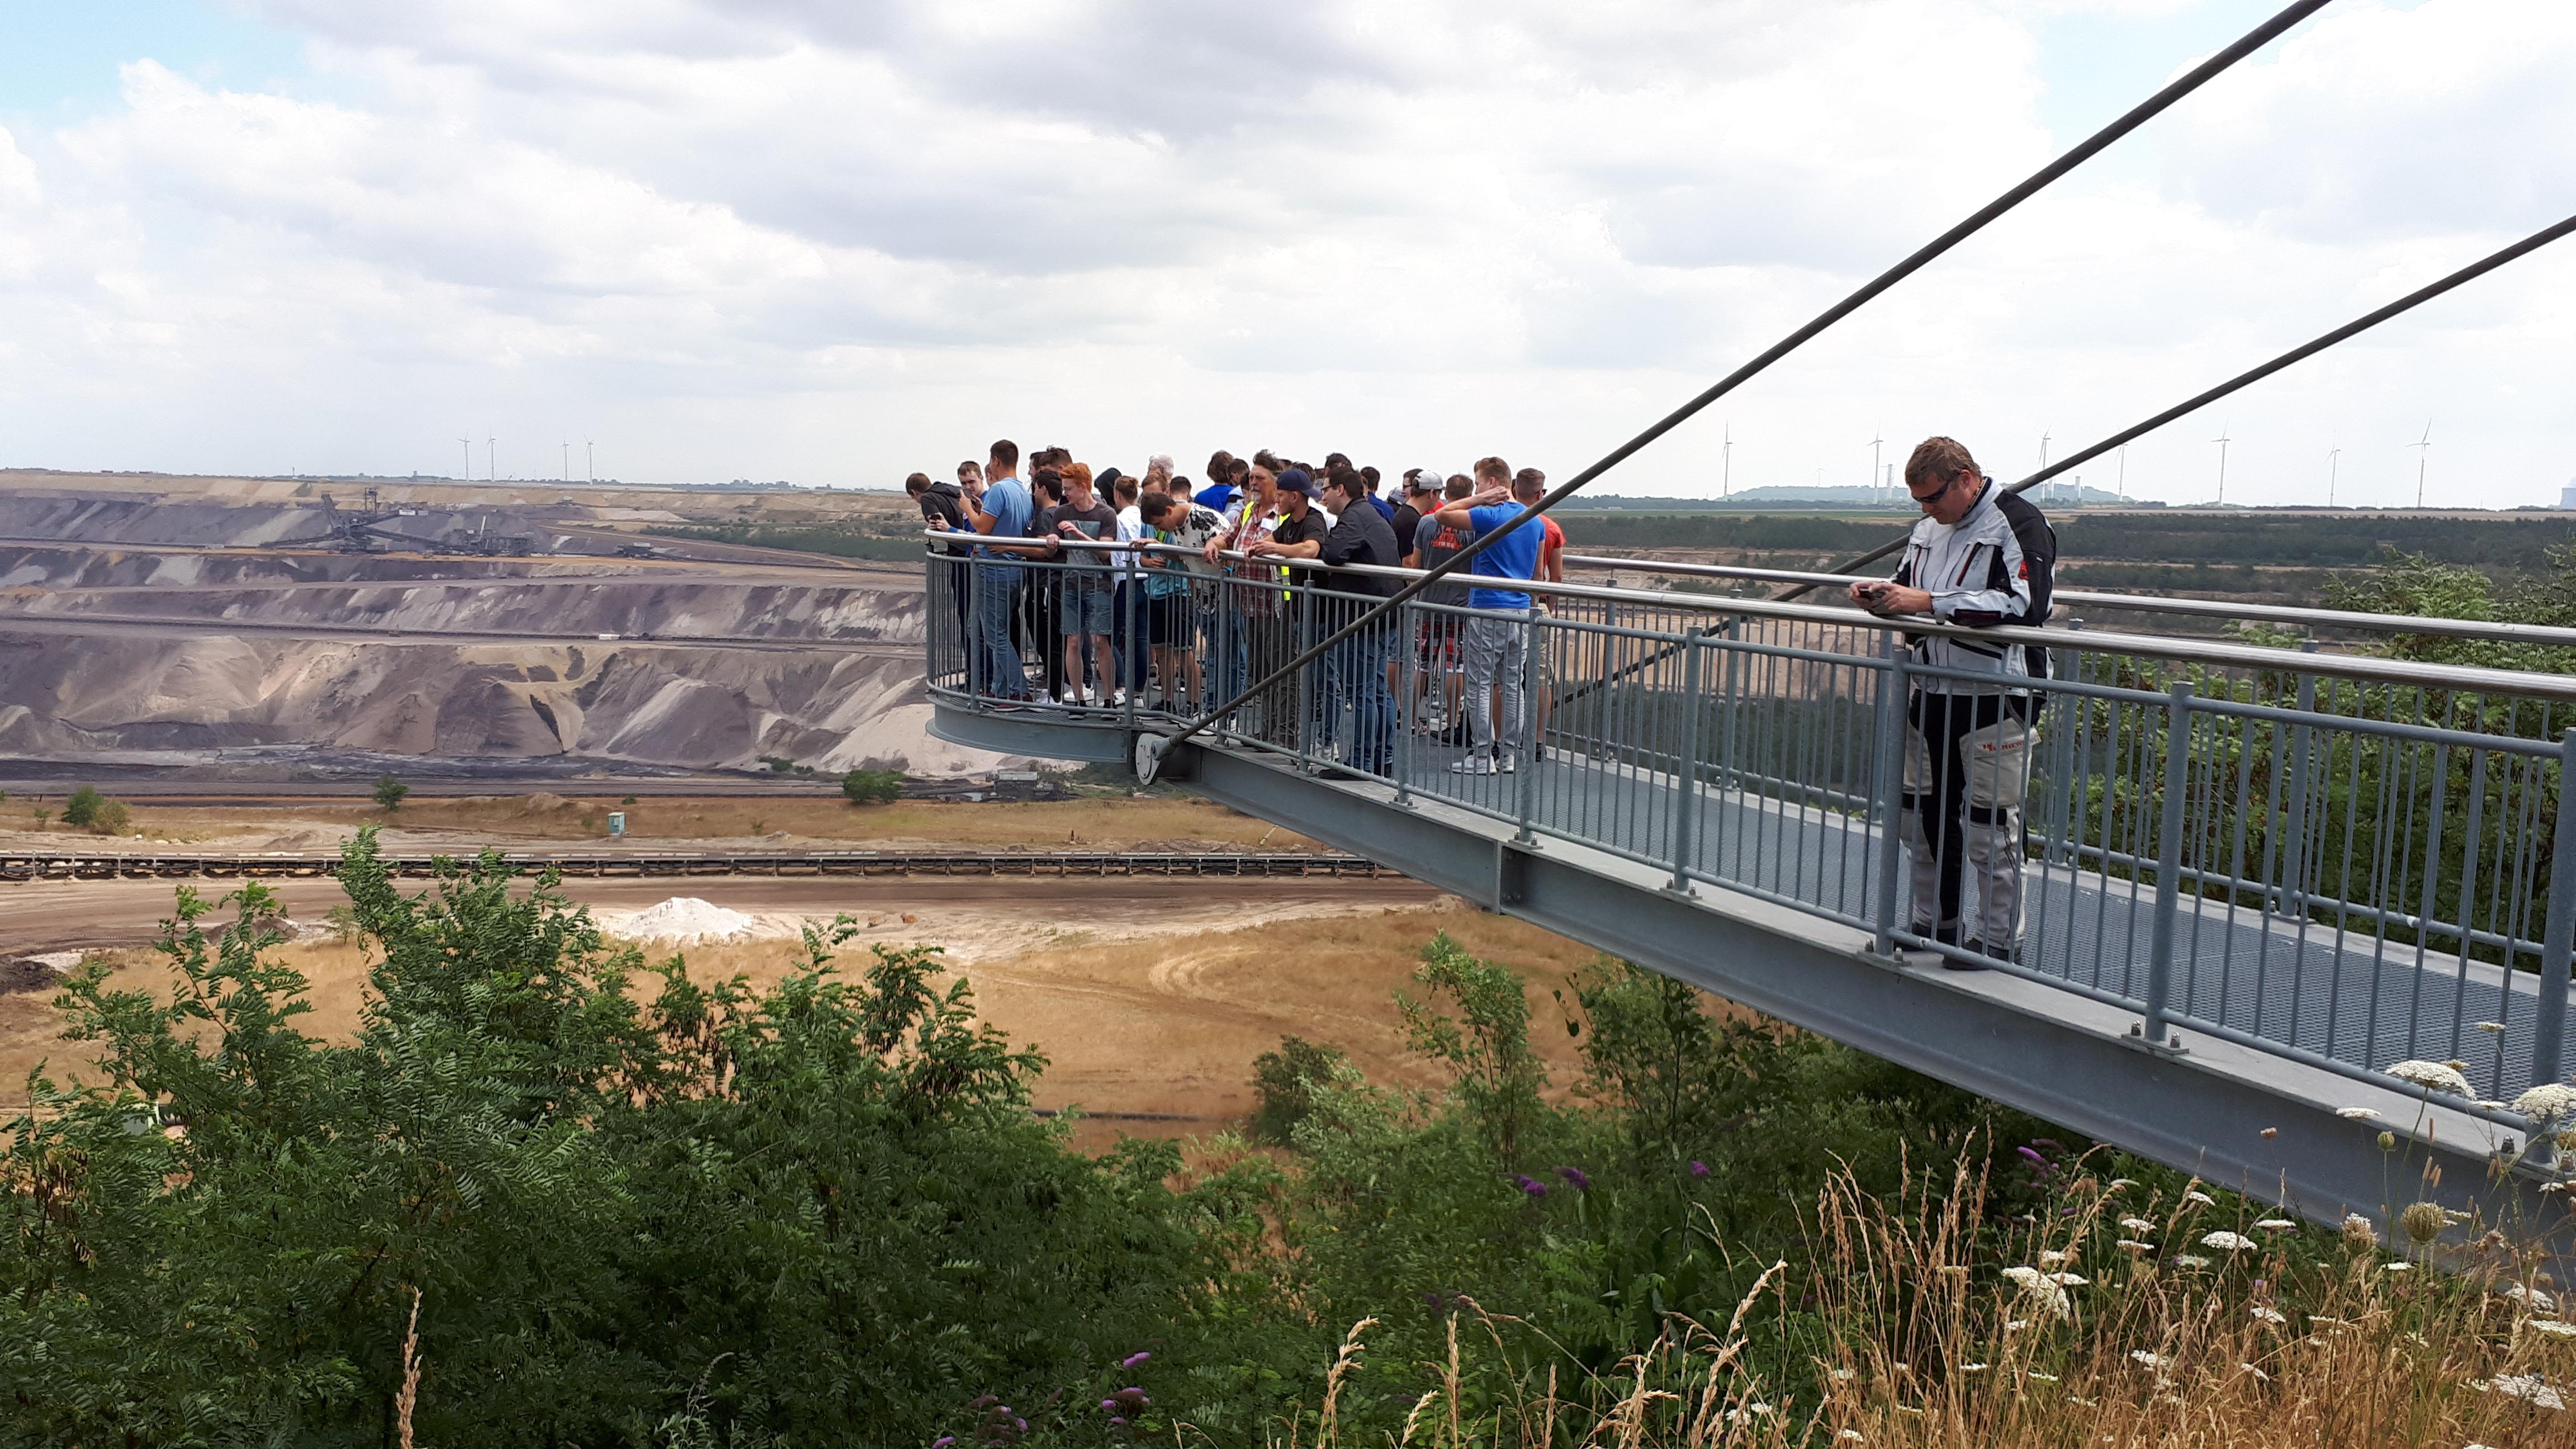 Exkursion der FOS11T, Mechatroniker- und Metallbaueroberstufe zum Tagebau Gartzweiler